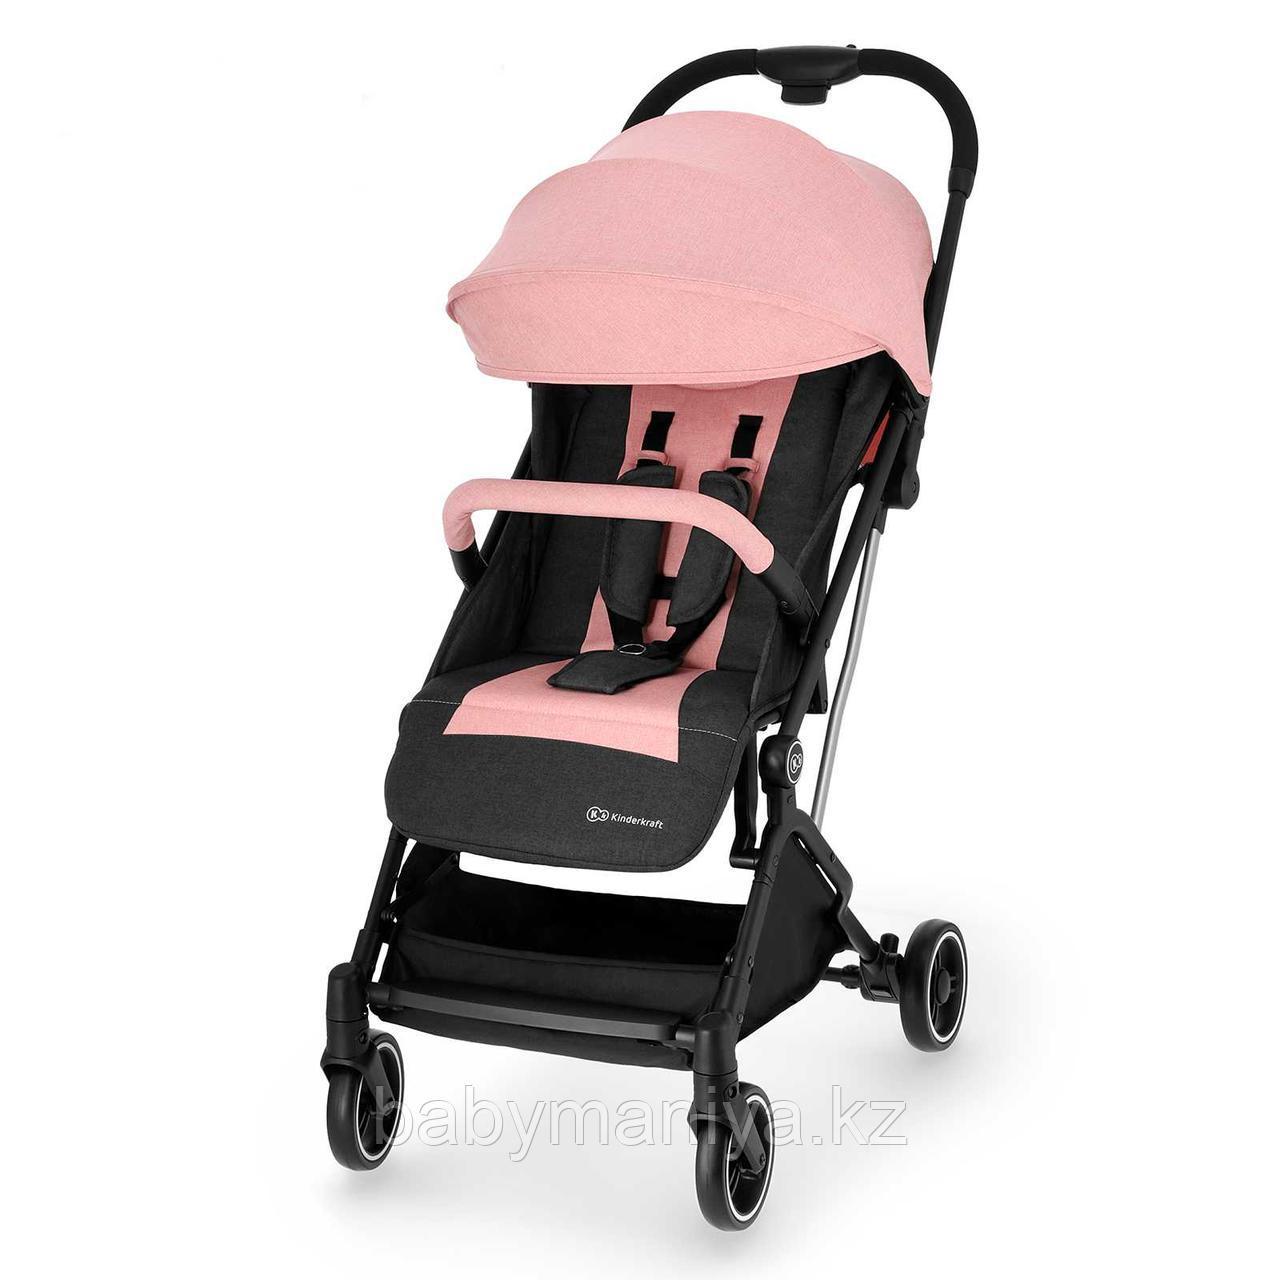 Коляска прогулочная Kinderkraft  INDY Pink